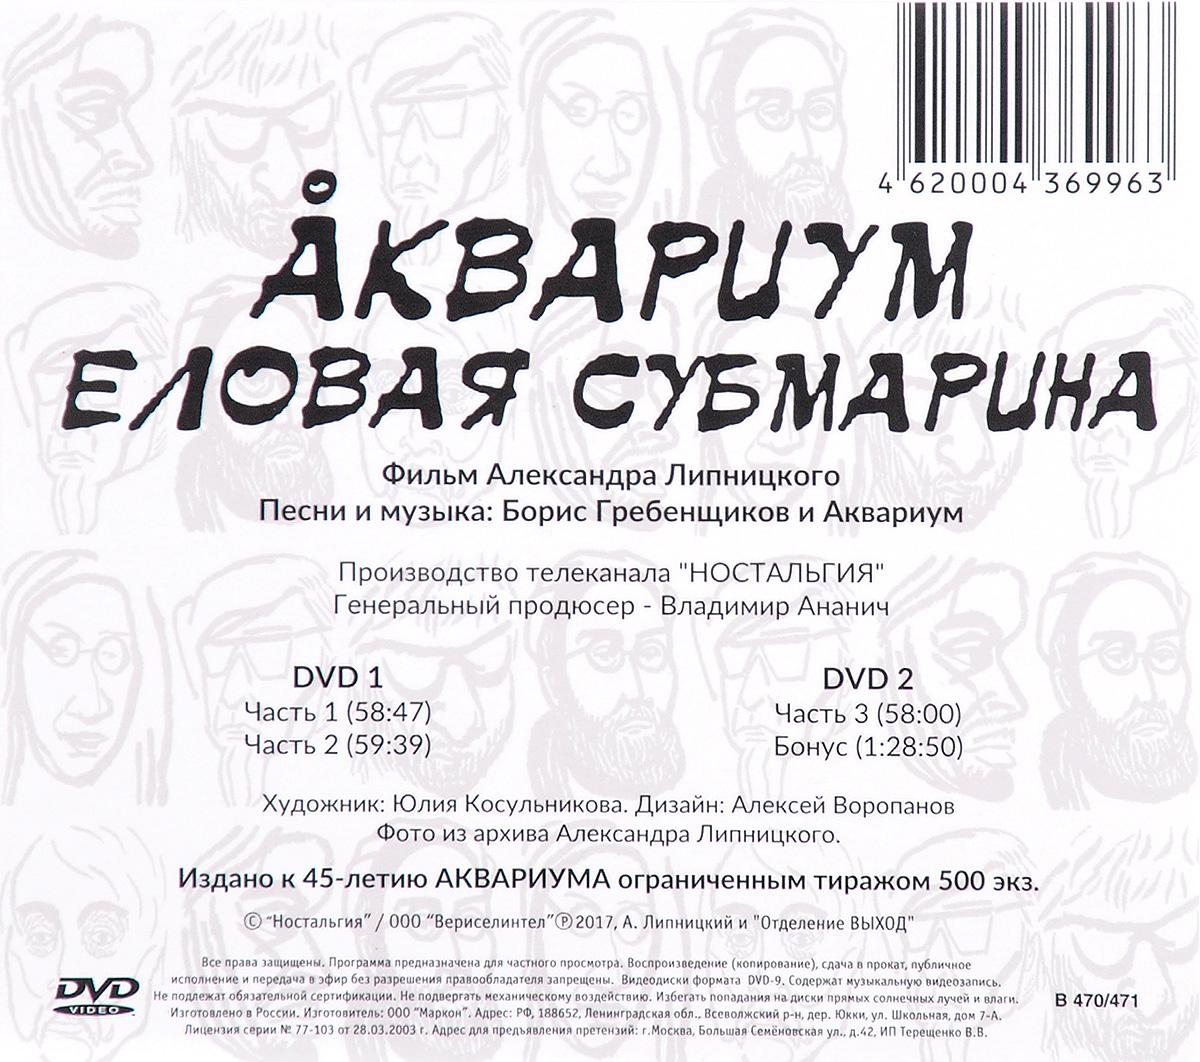 Аквариум:  Еловая субмарина (2 DVD) Ностальгия